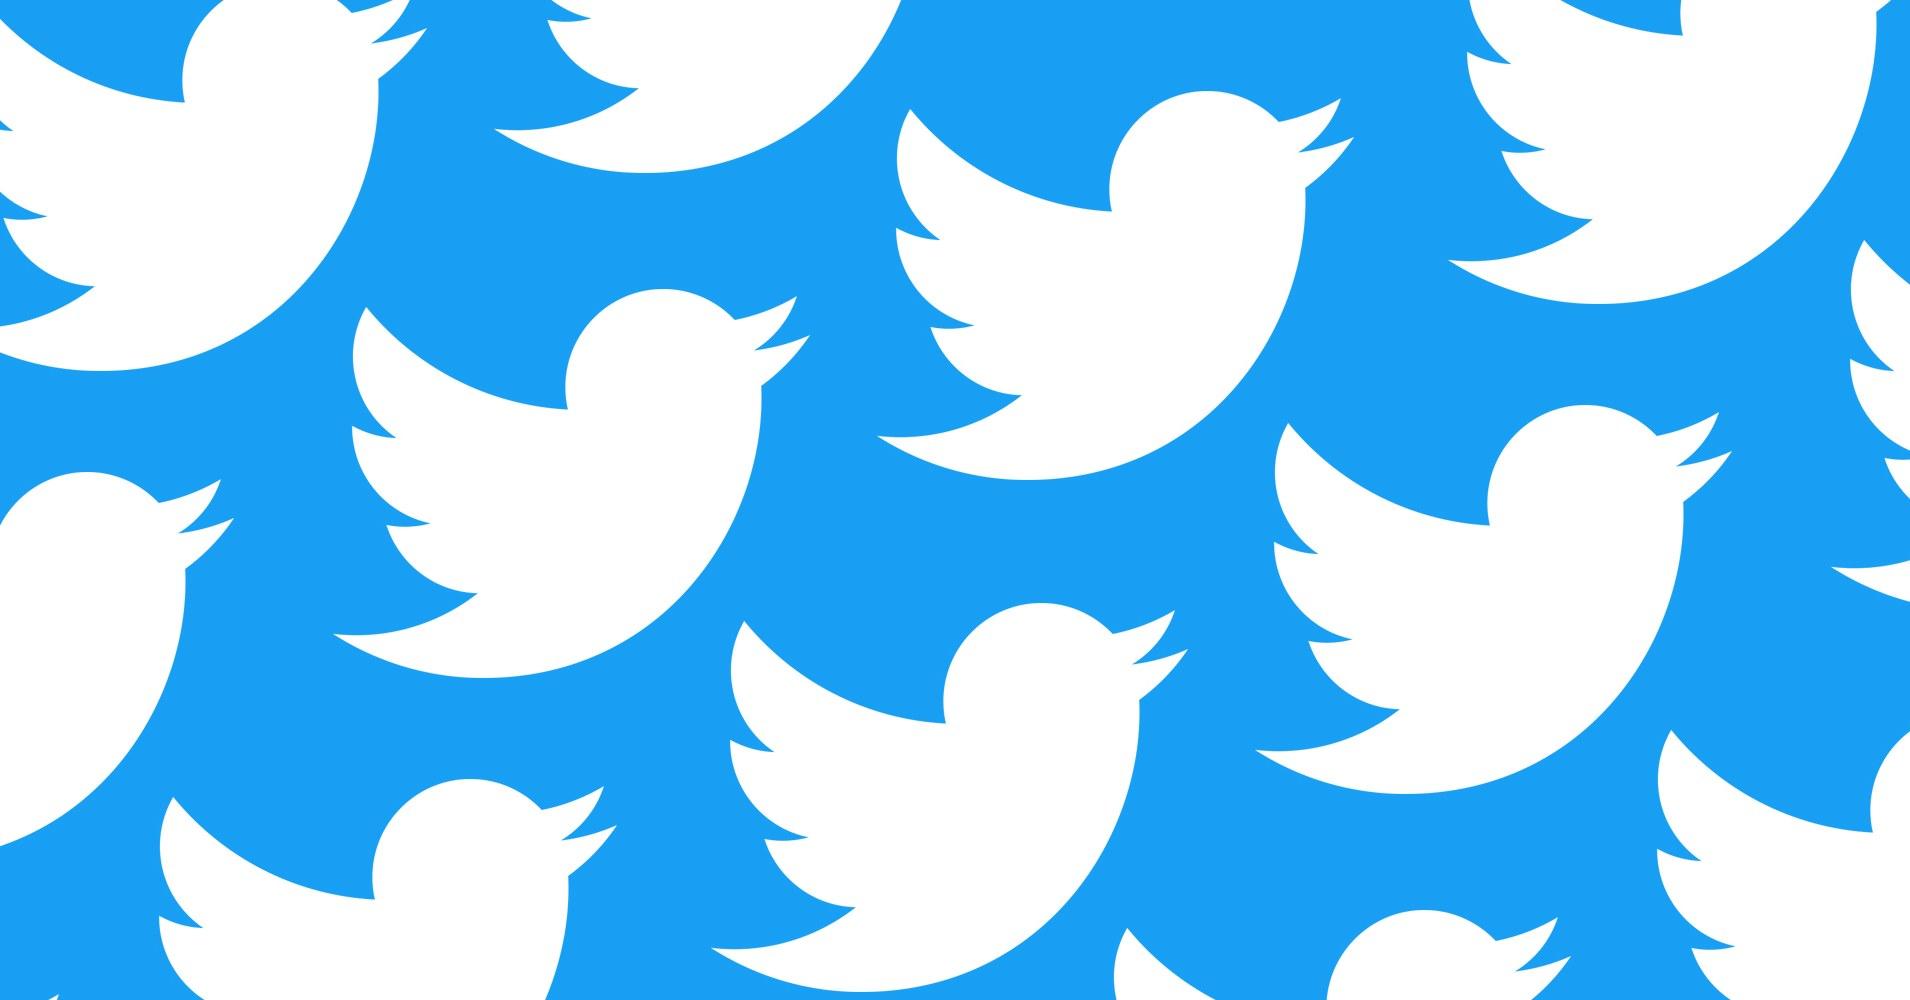 ६ महिना प्रयोग नगरे ट्वीटर अकाउन्ट बन्द हुने निर्णय फिर्ता !